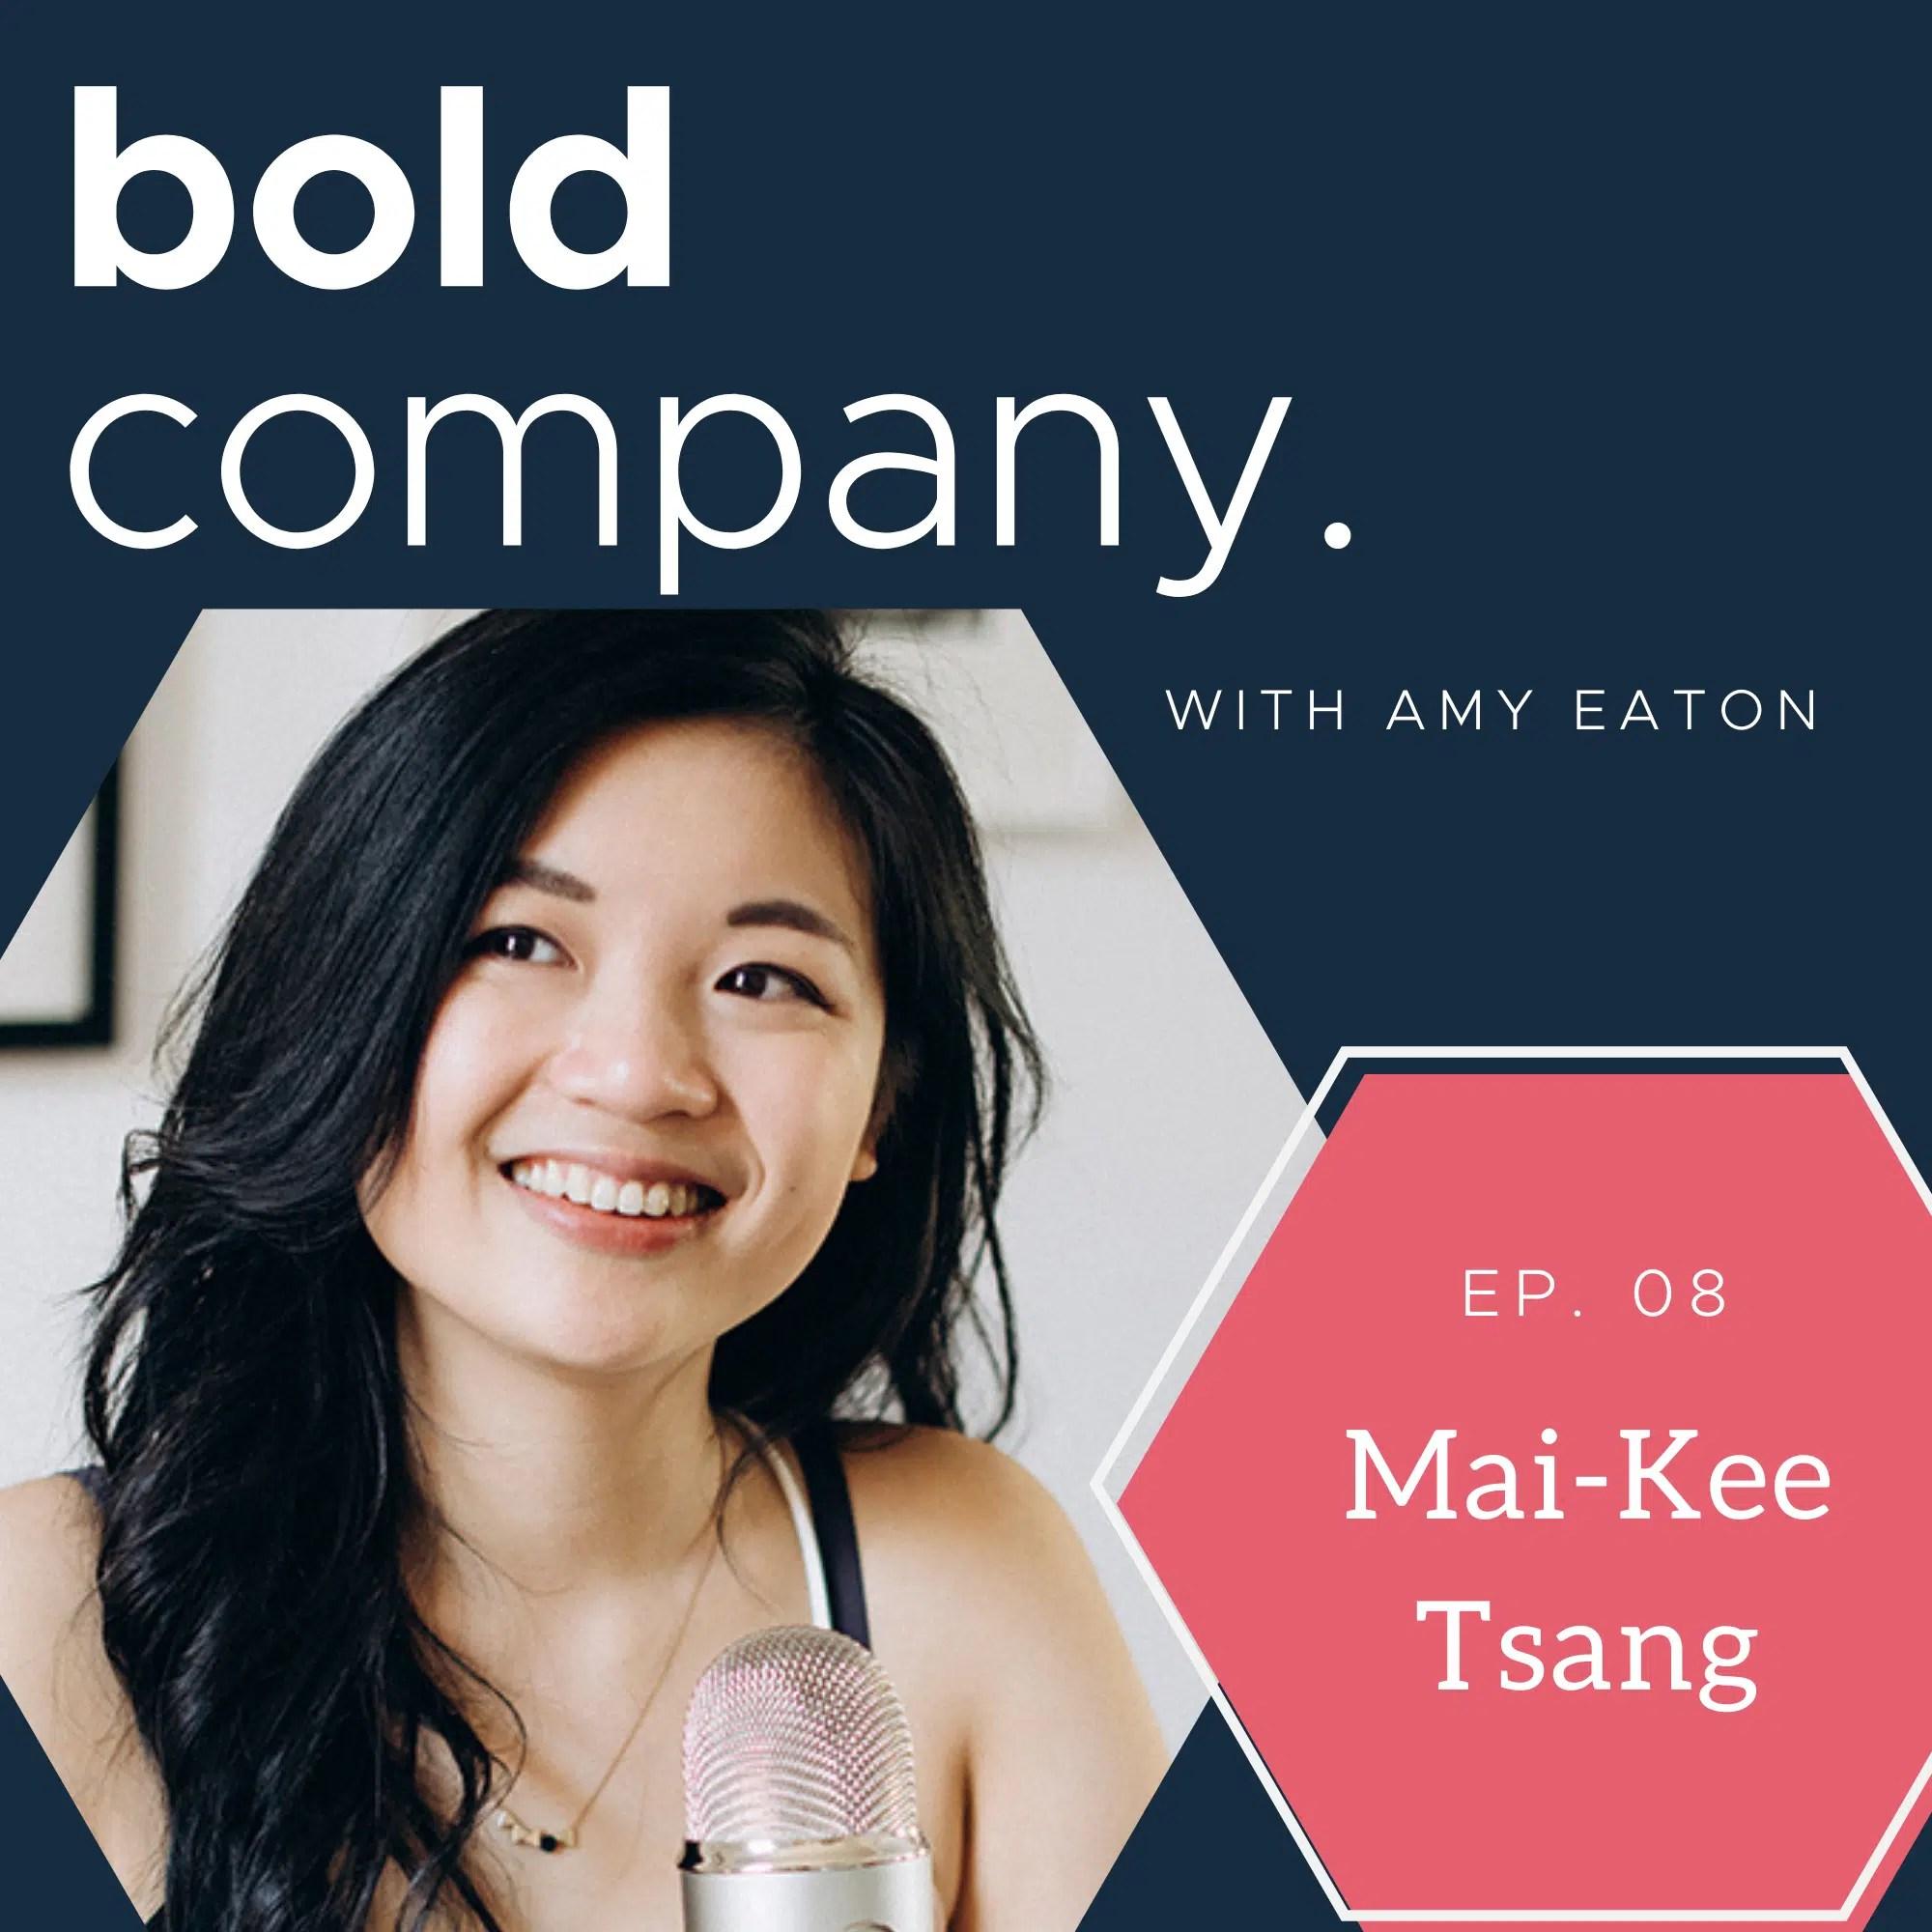 Bold Company Episode 8 – Mai-Kee Tsang